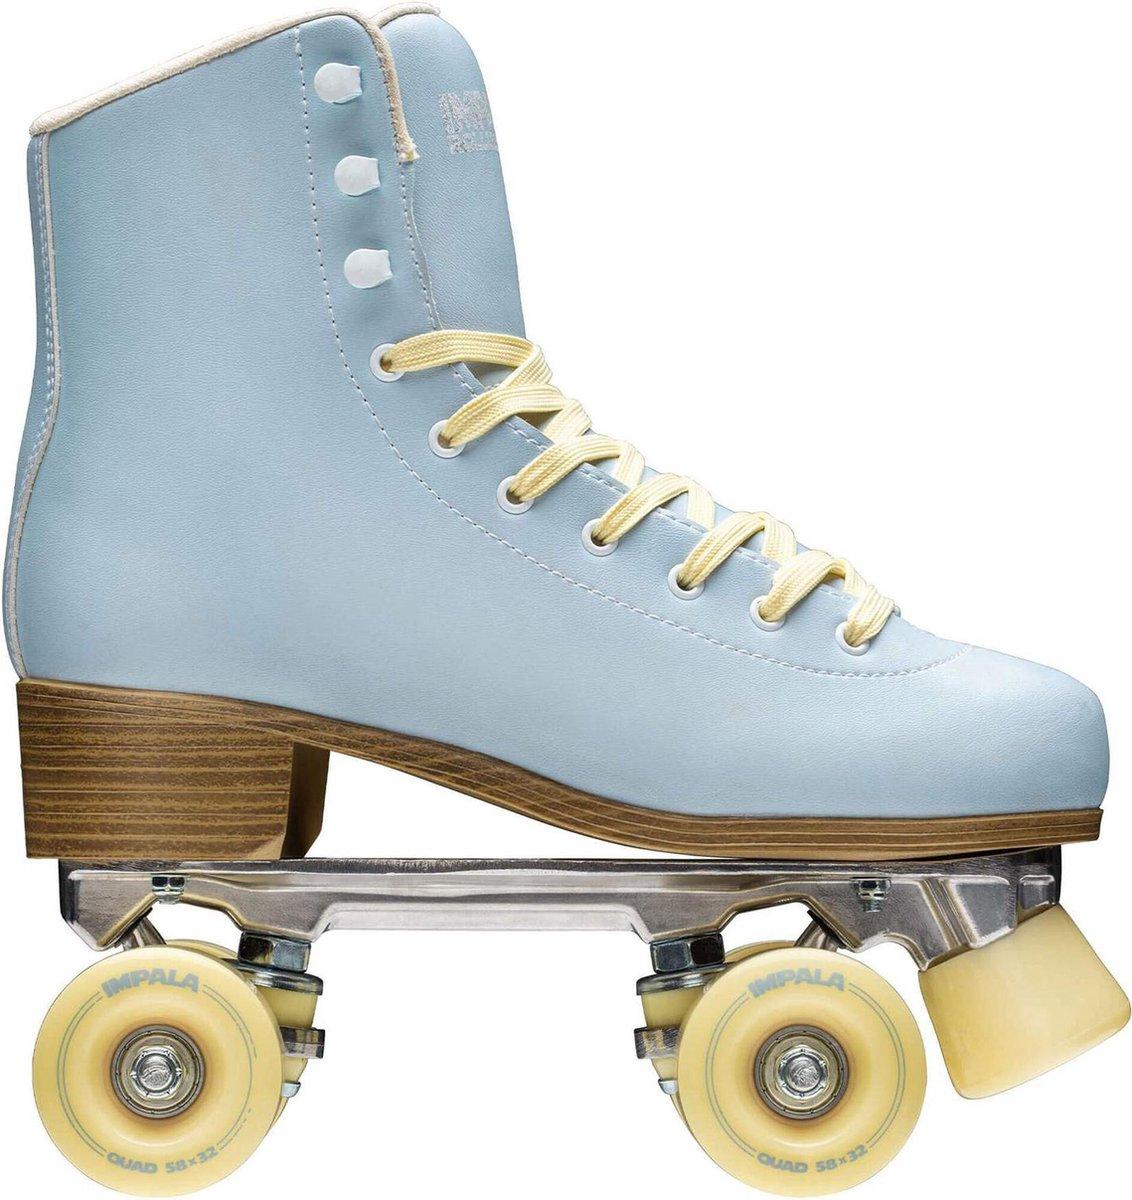 Impala Rolschaatsen - Maat 38Volwassenen - Licht blauw/geel